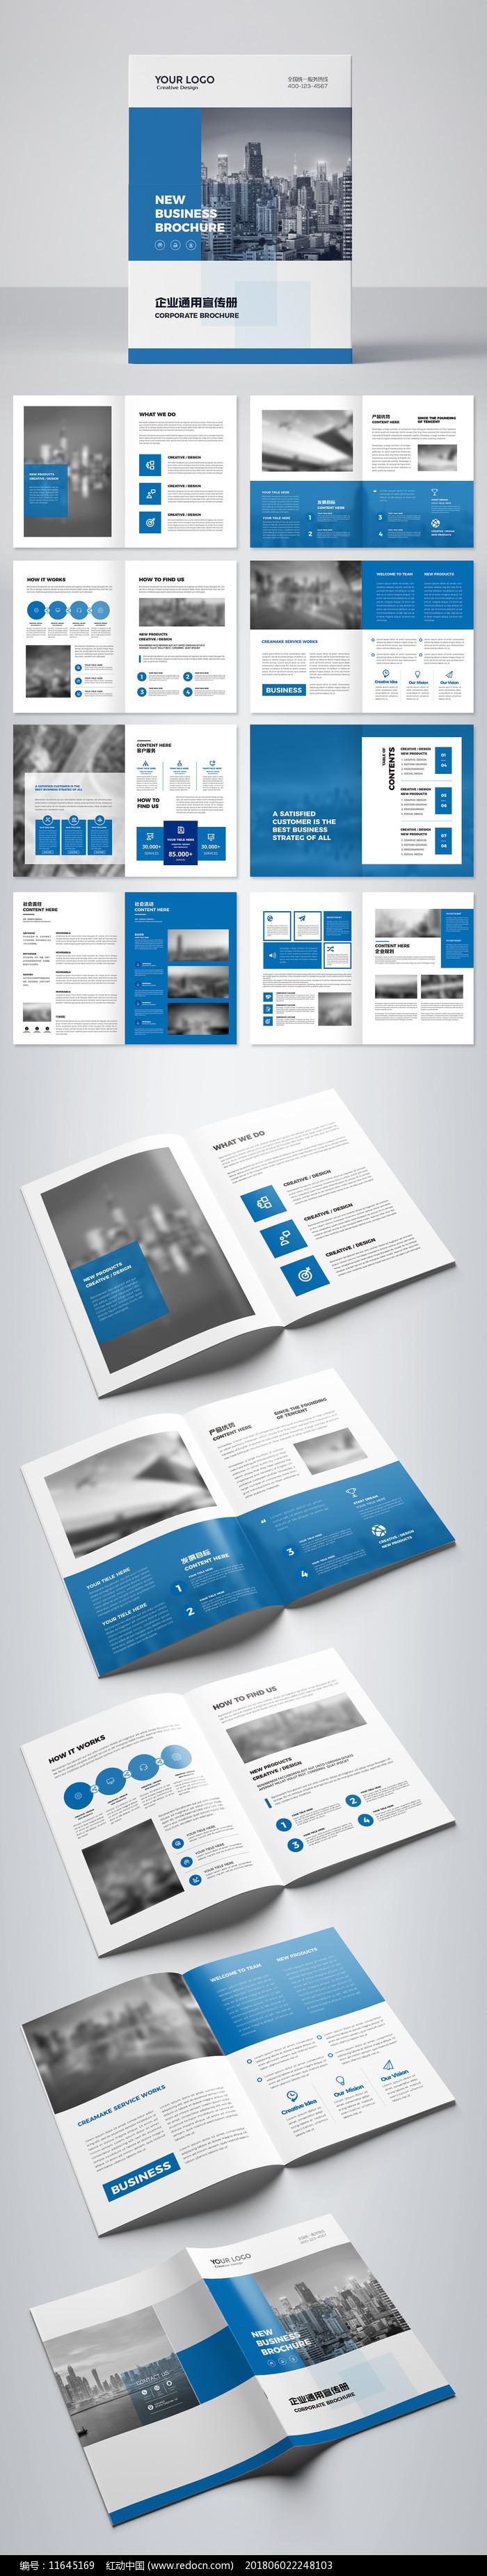 藍色大氣企業畫冊設計圖片